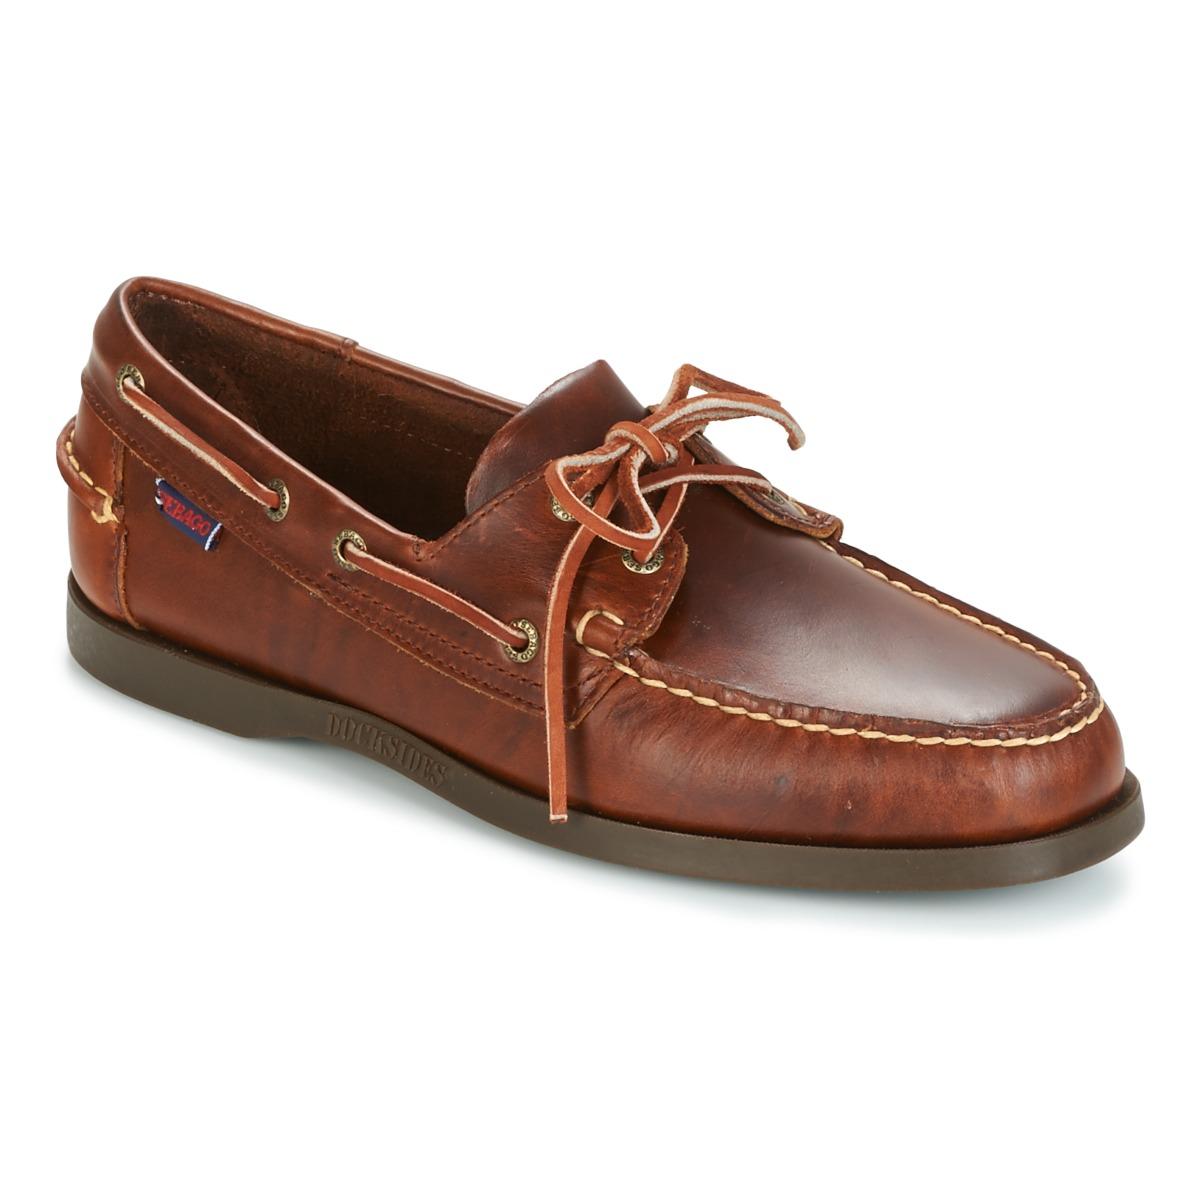 sebago docksides marron livraison gratuite avec chaussures chaussures bateau. Black Bedroom Furniture Sets. Home Design Ideas